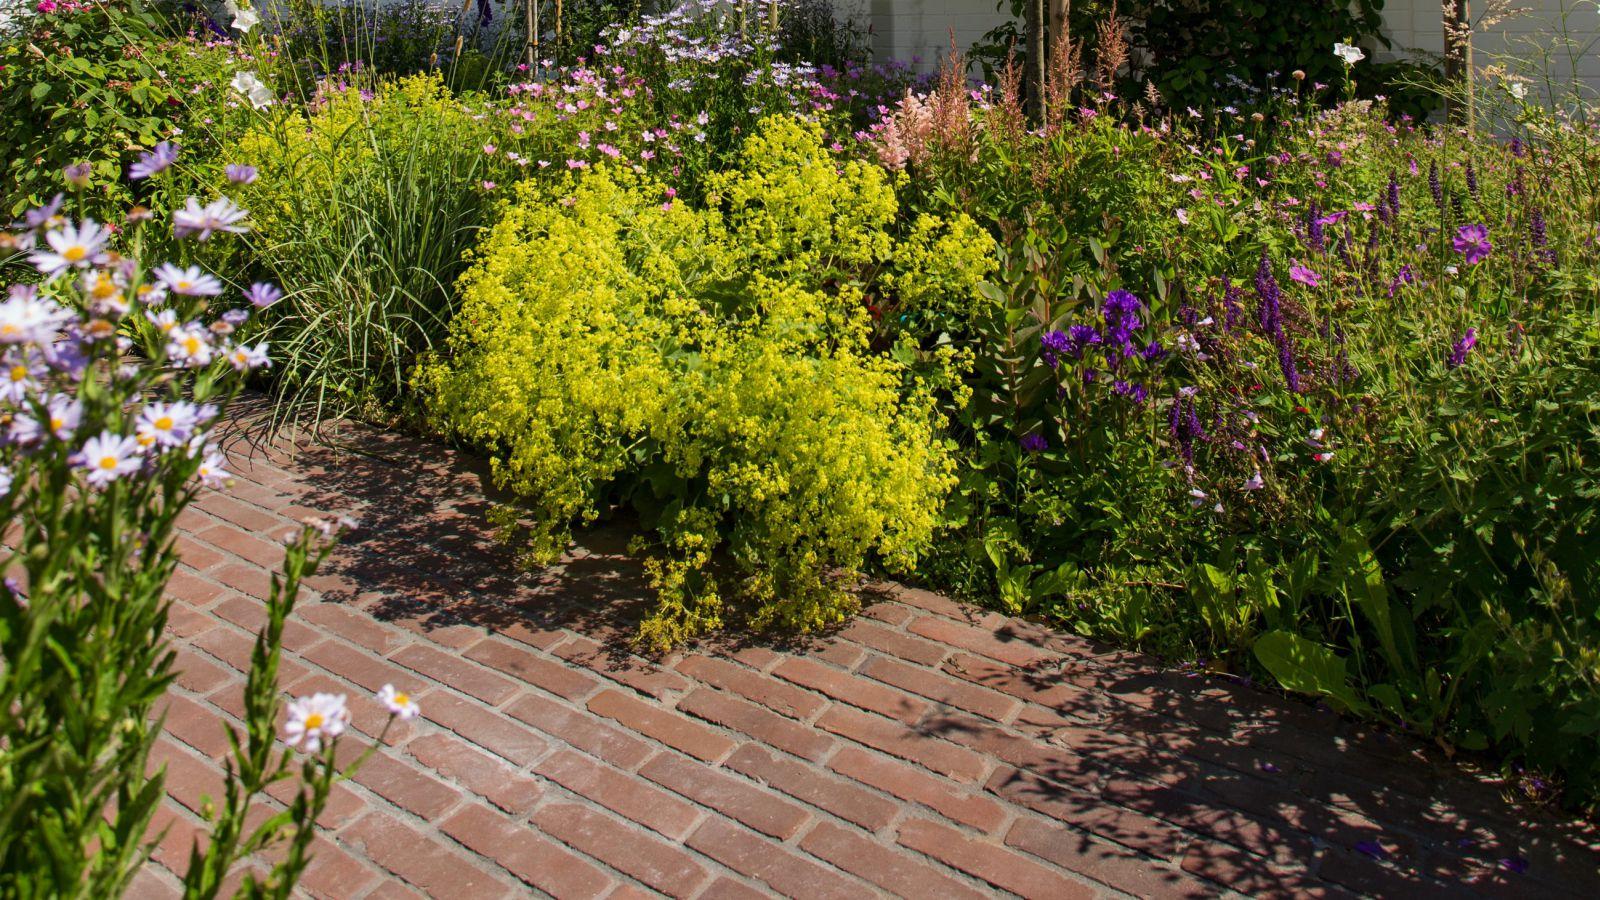 2.5 Überwältigende Blütenpracht und üppiges Grün - Naturoase in Ratingen